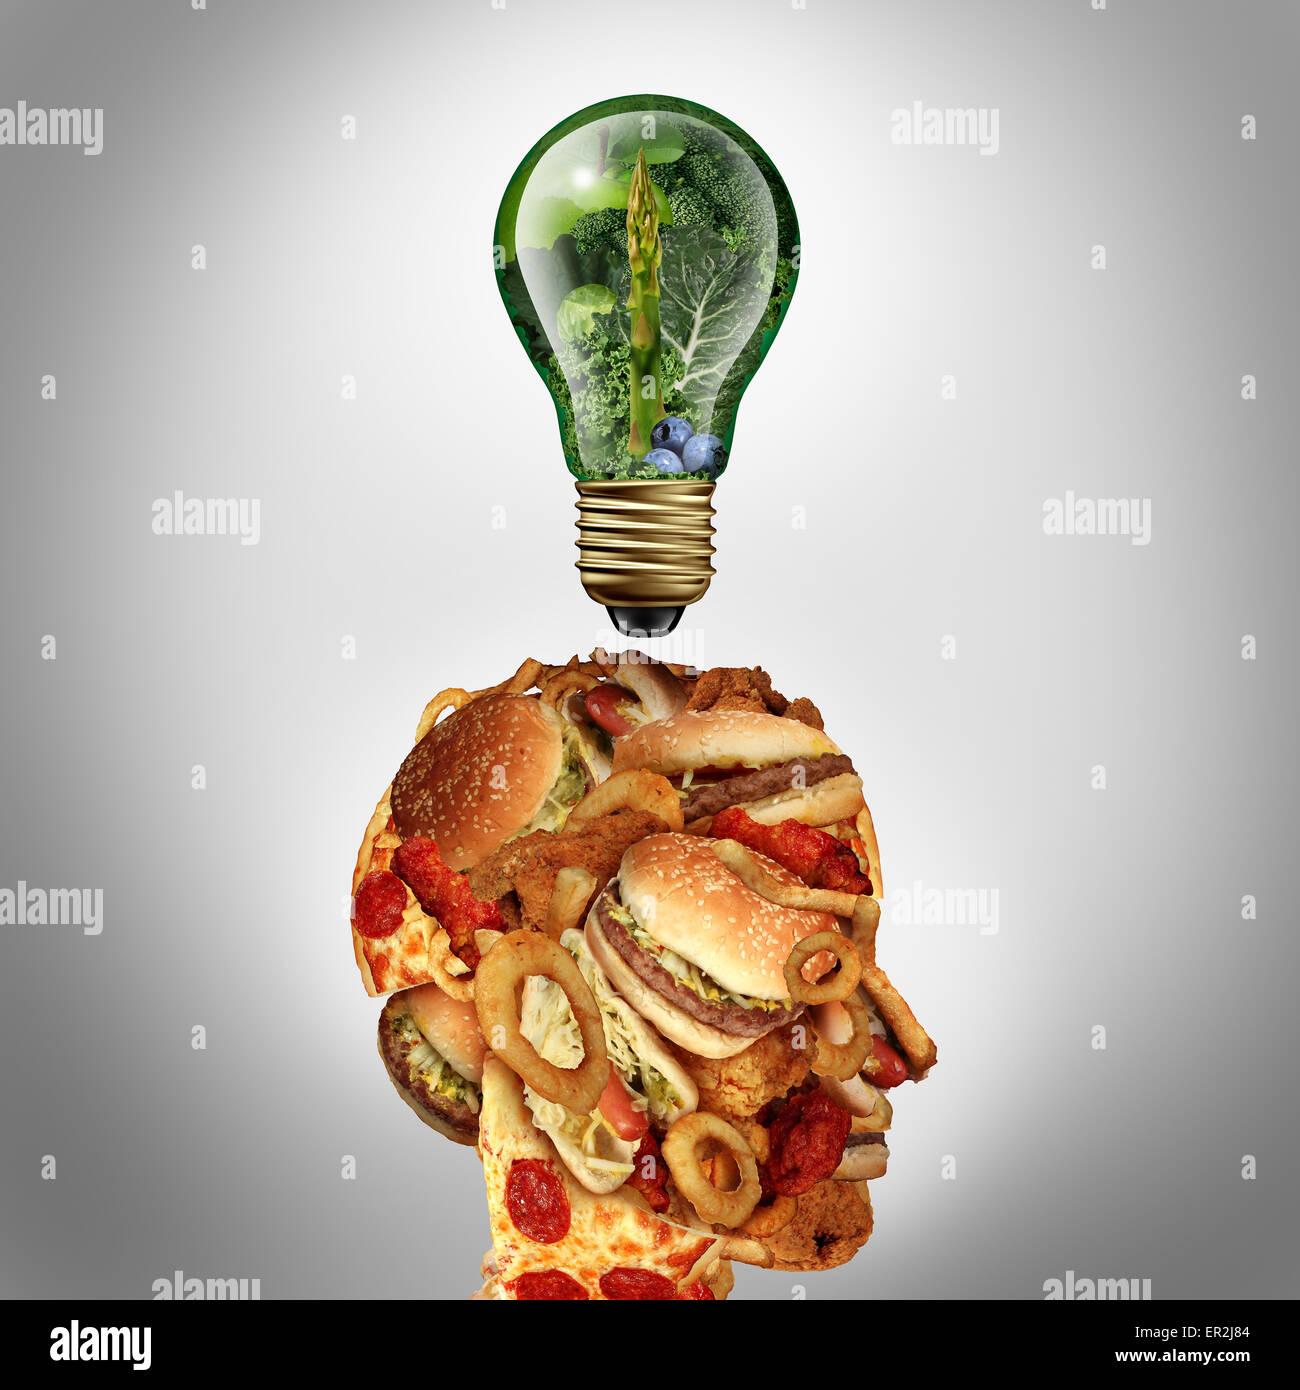 La motivation et l'inspiration de suivre un régime diététique concept comme une tête humaine Photo Stock